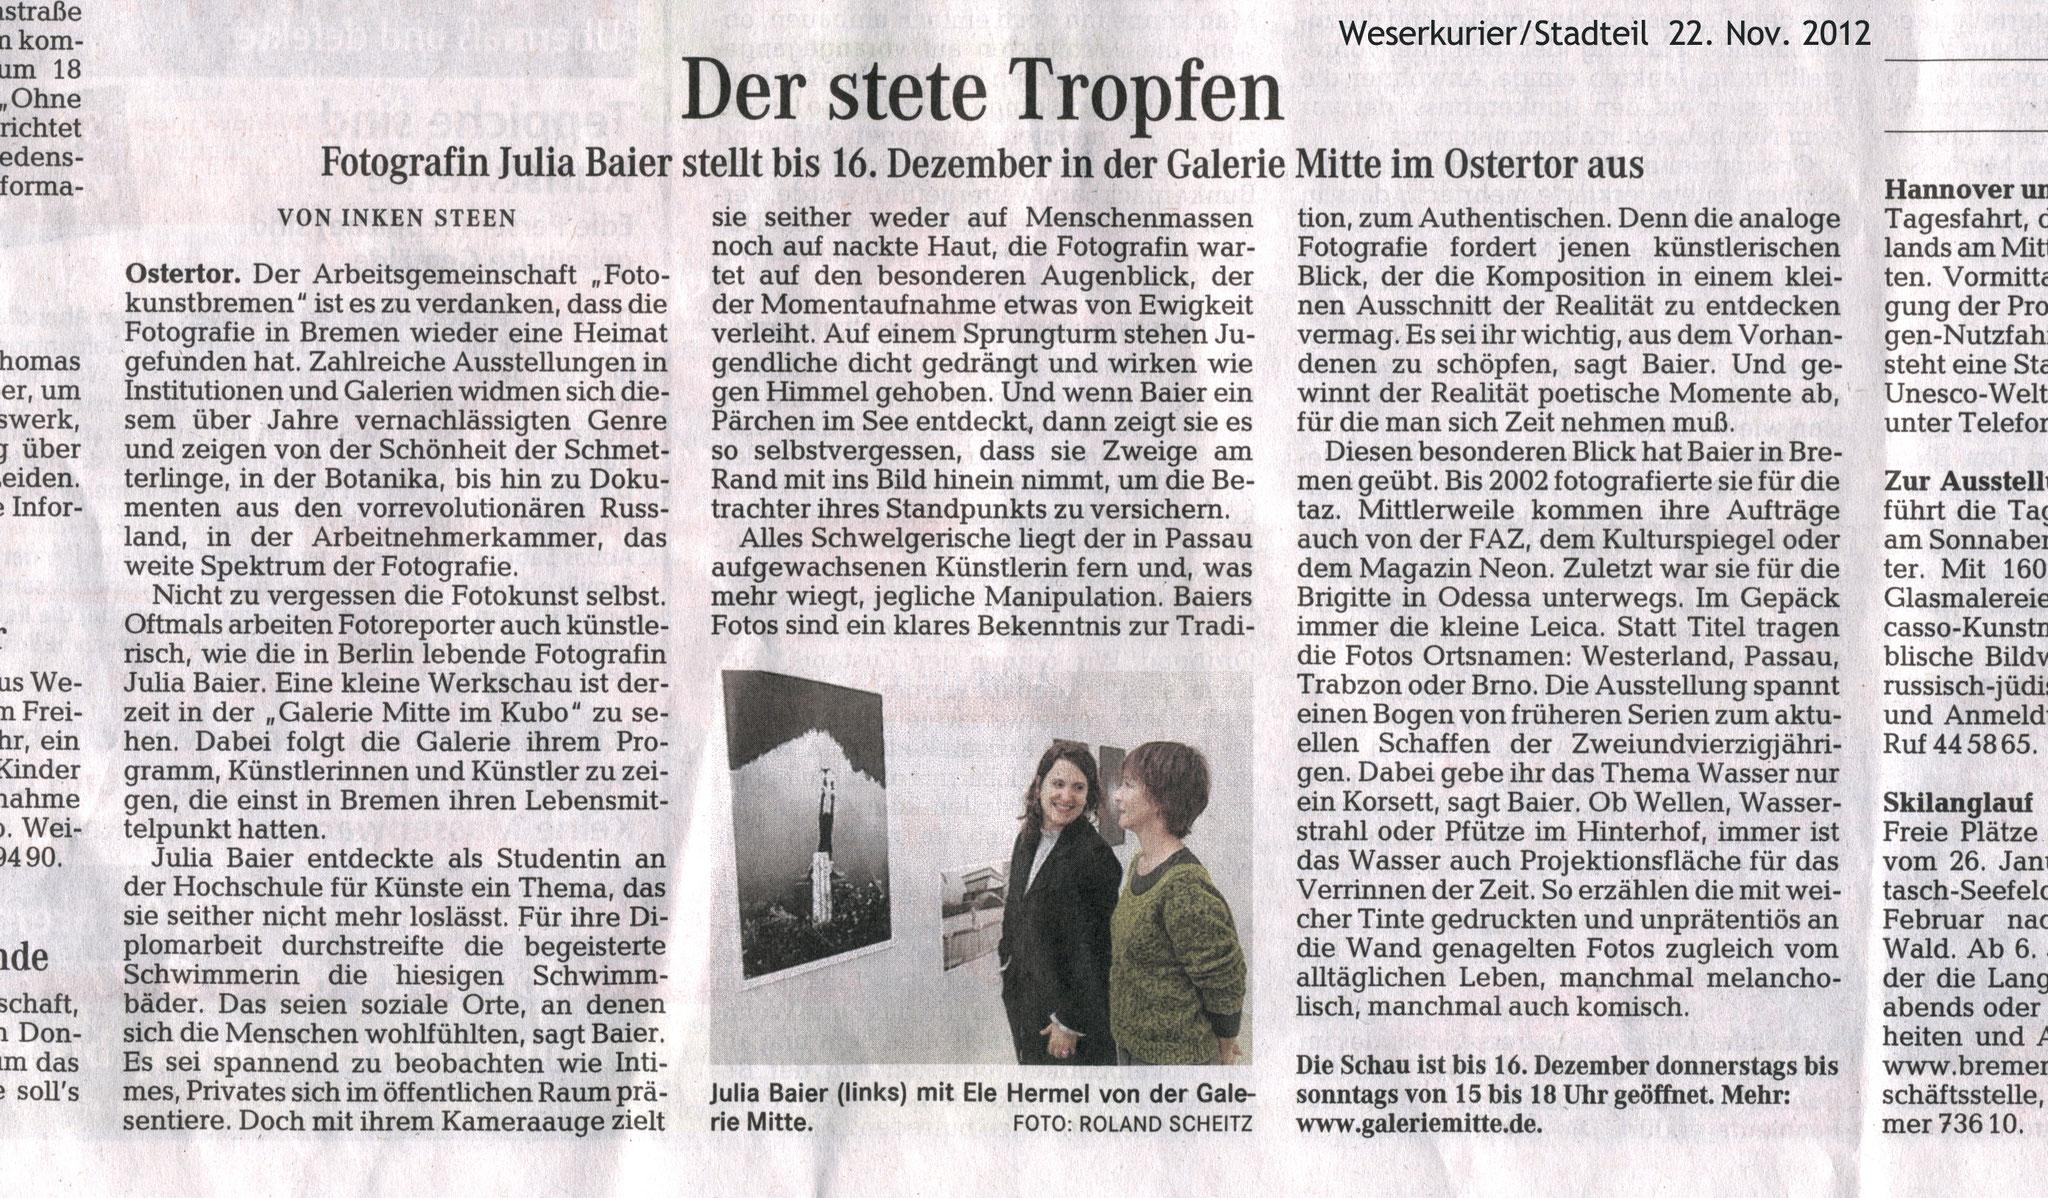 Stadtteilkurier, Inken Steen, 22.11.12